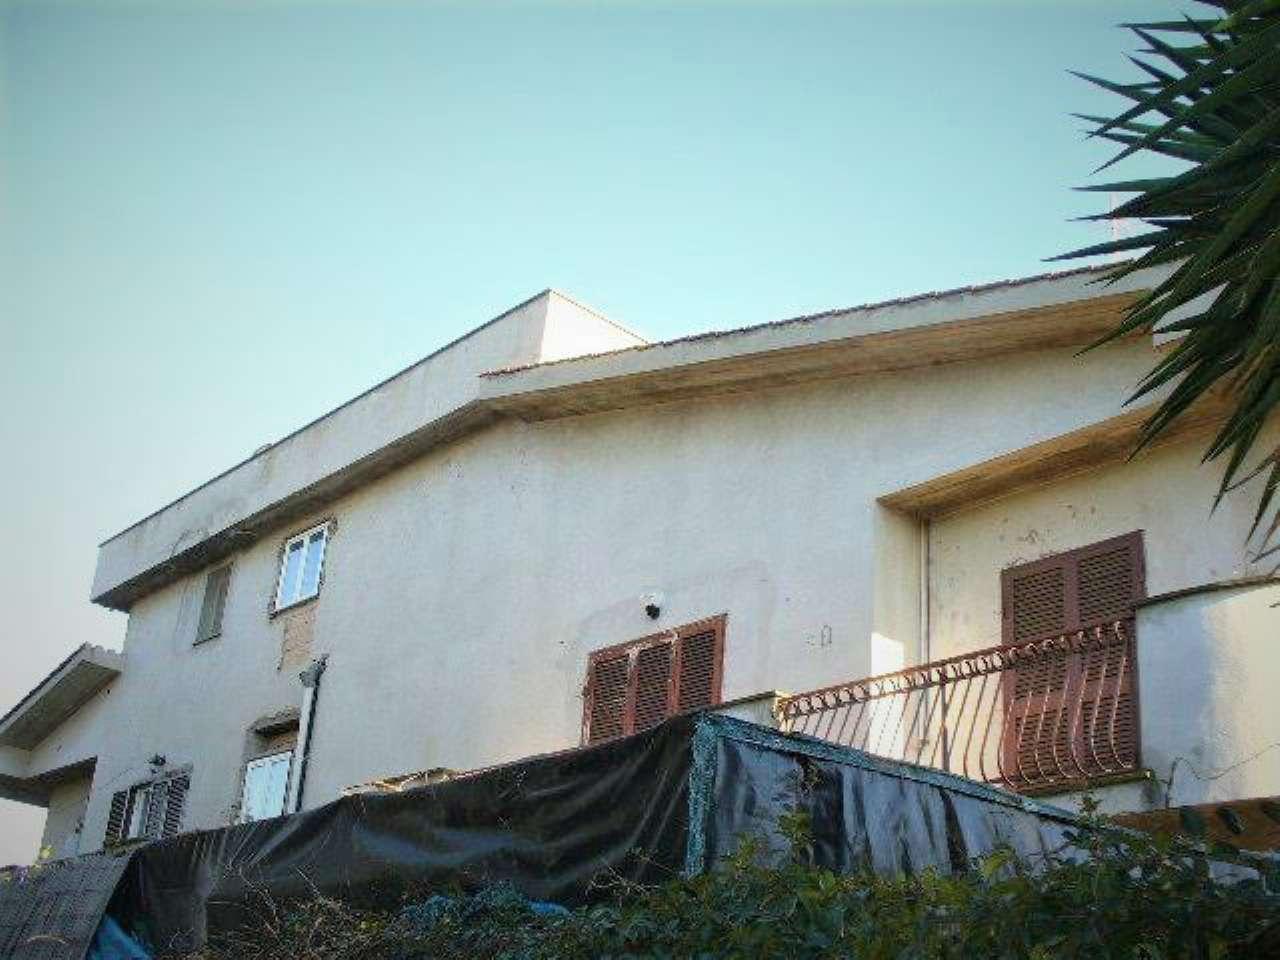 Appartamento in vendita a Ciampino, 2 locali, prezzo € 105.000   PortaleAgenzieImmobiliari.it